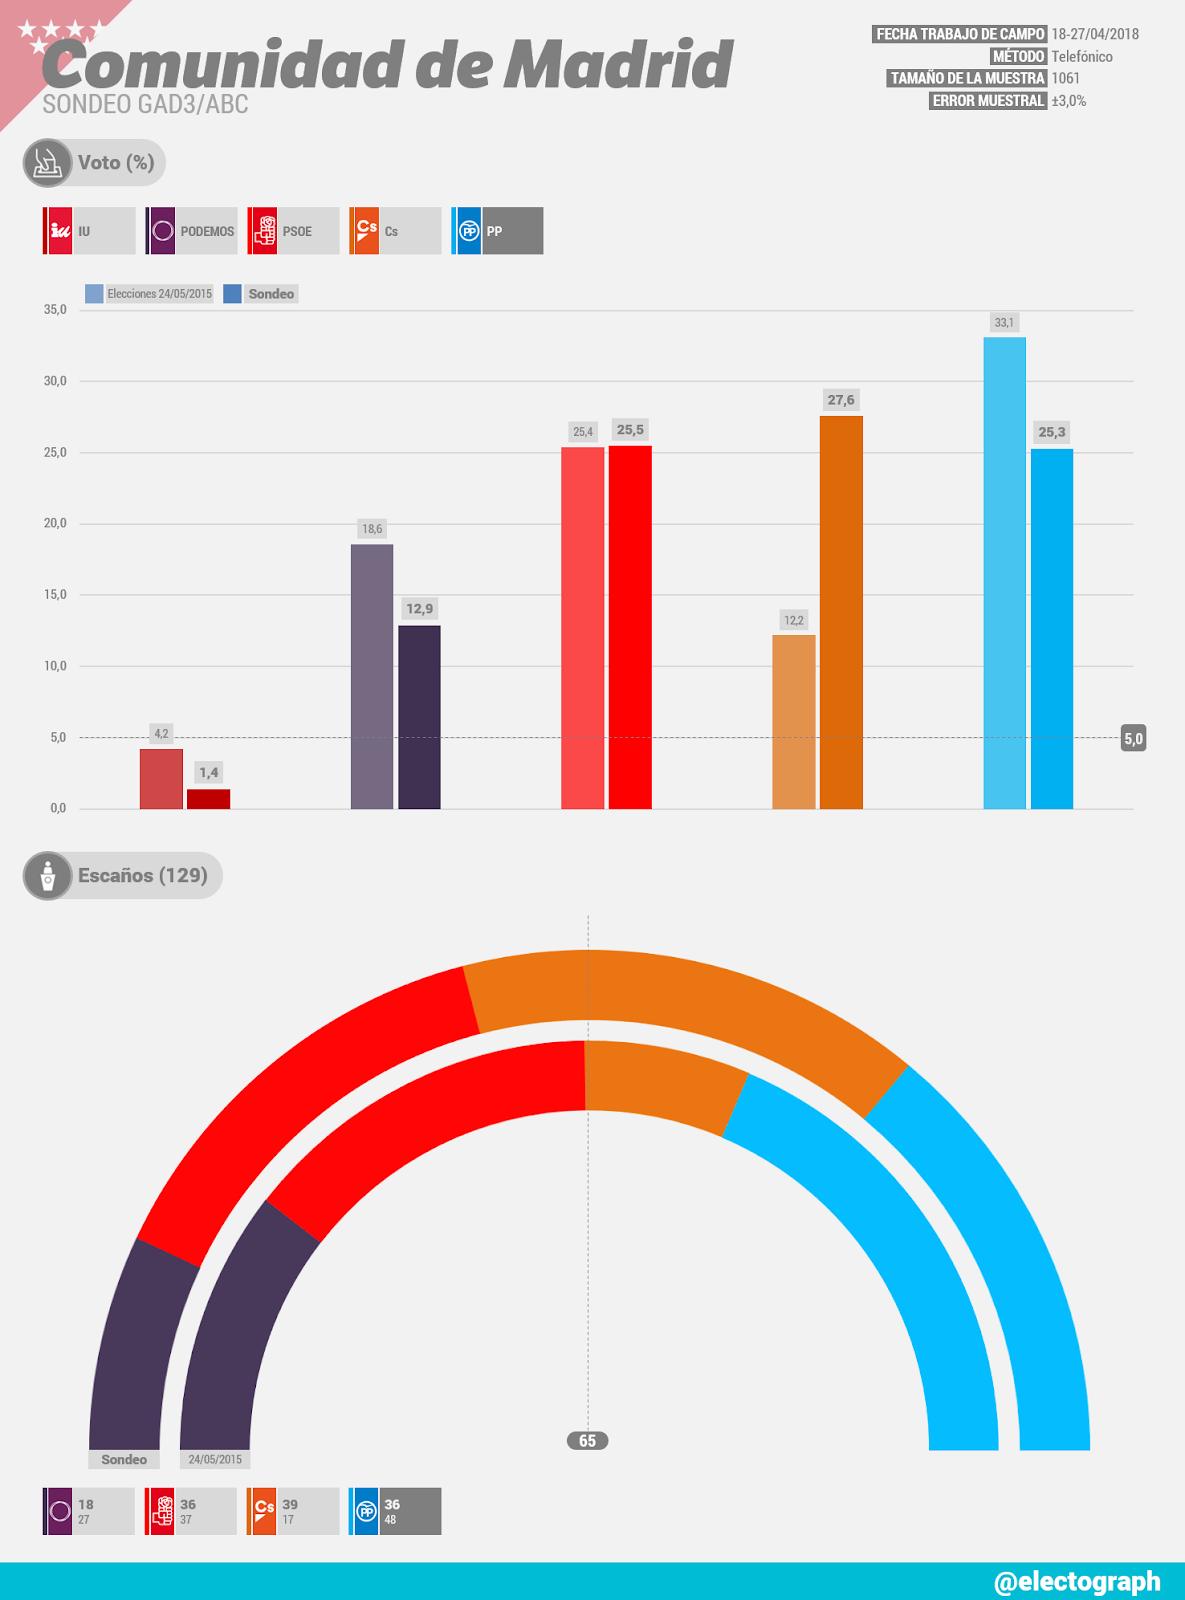 Gráfico de la encuesta para elecciones autonómicas en la Comunidad de Madrid realizada por GAD3 para ABC en abril de 2018